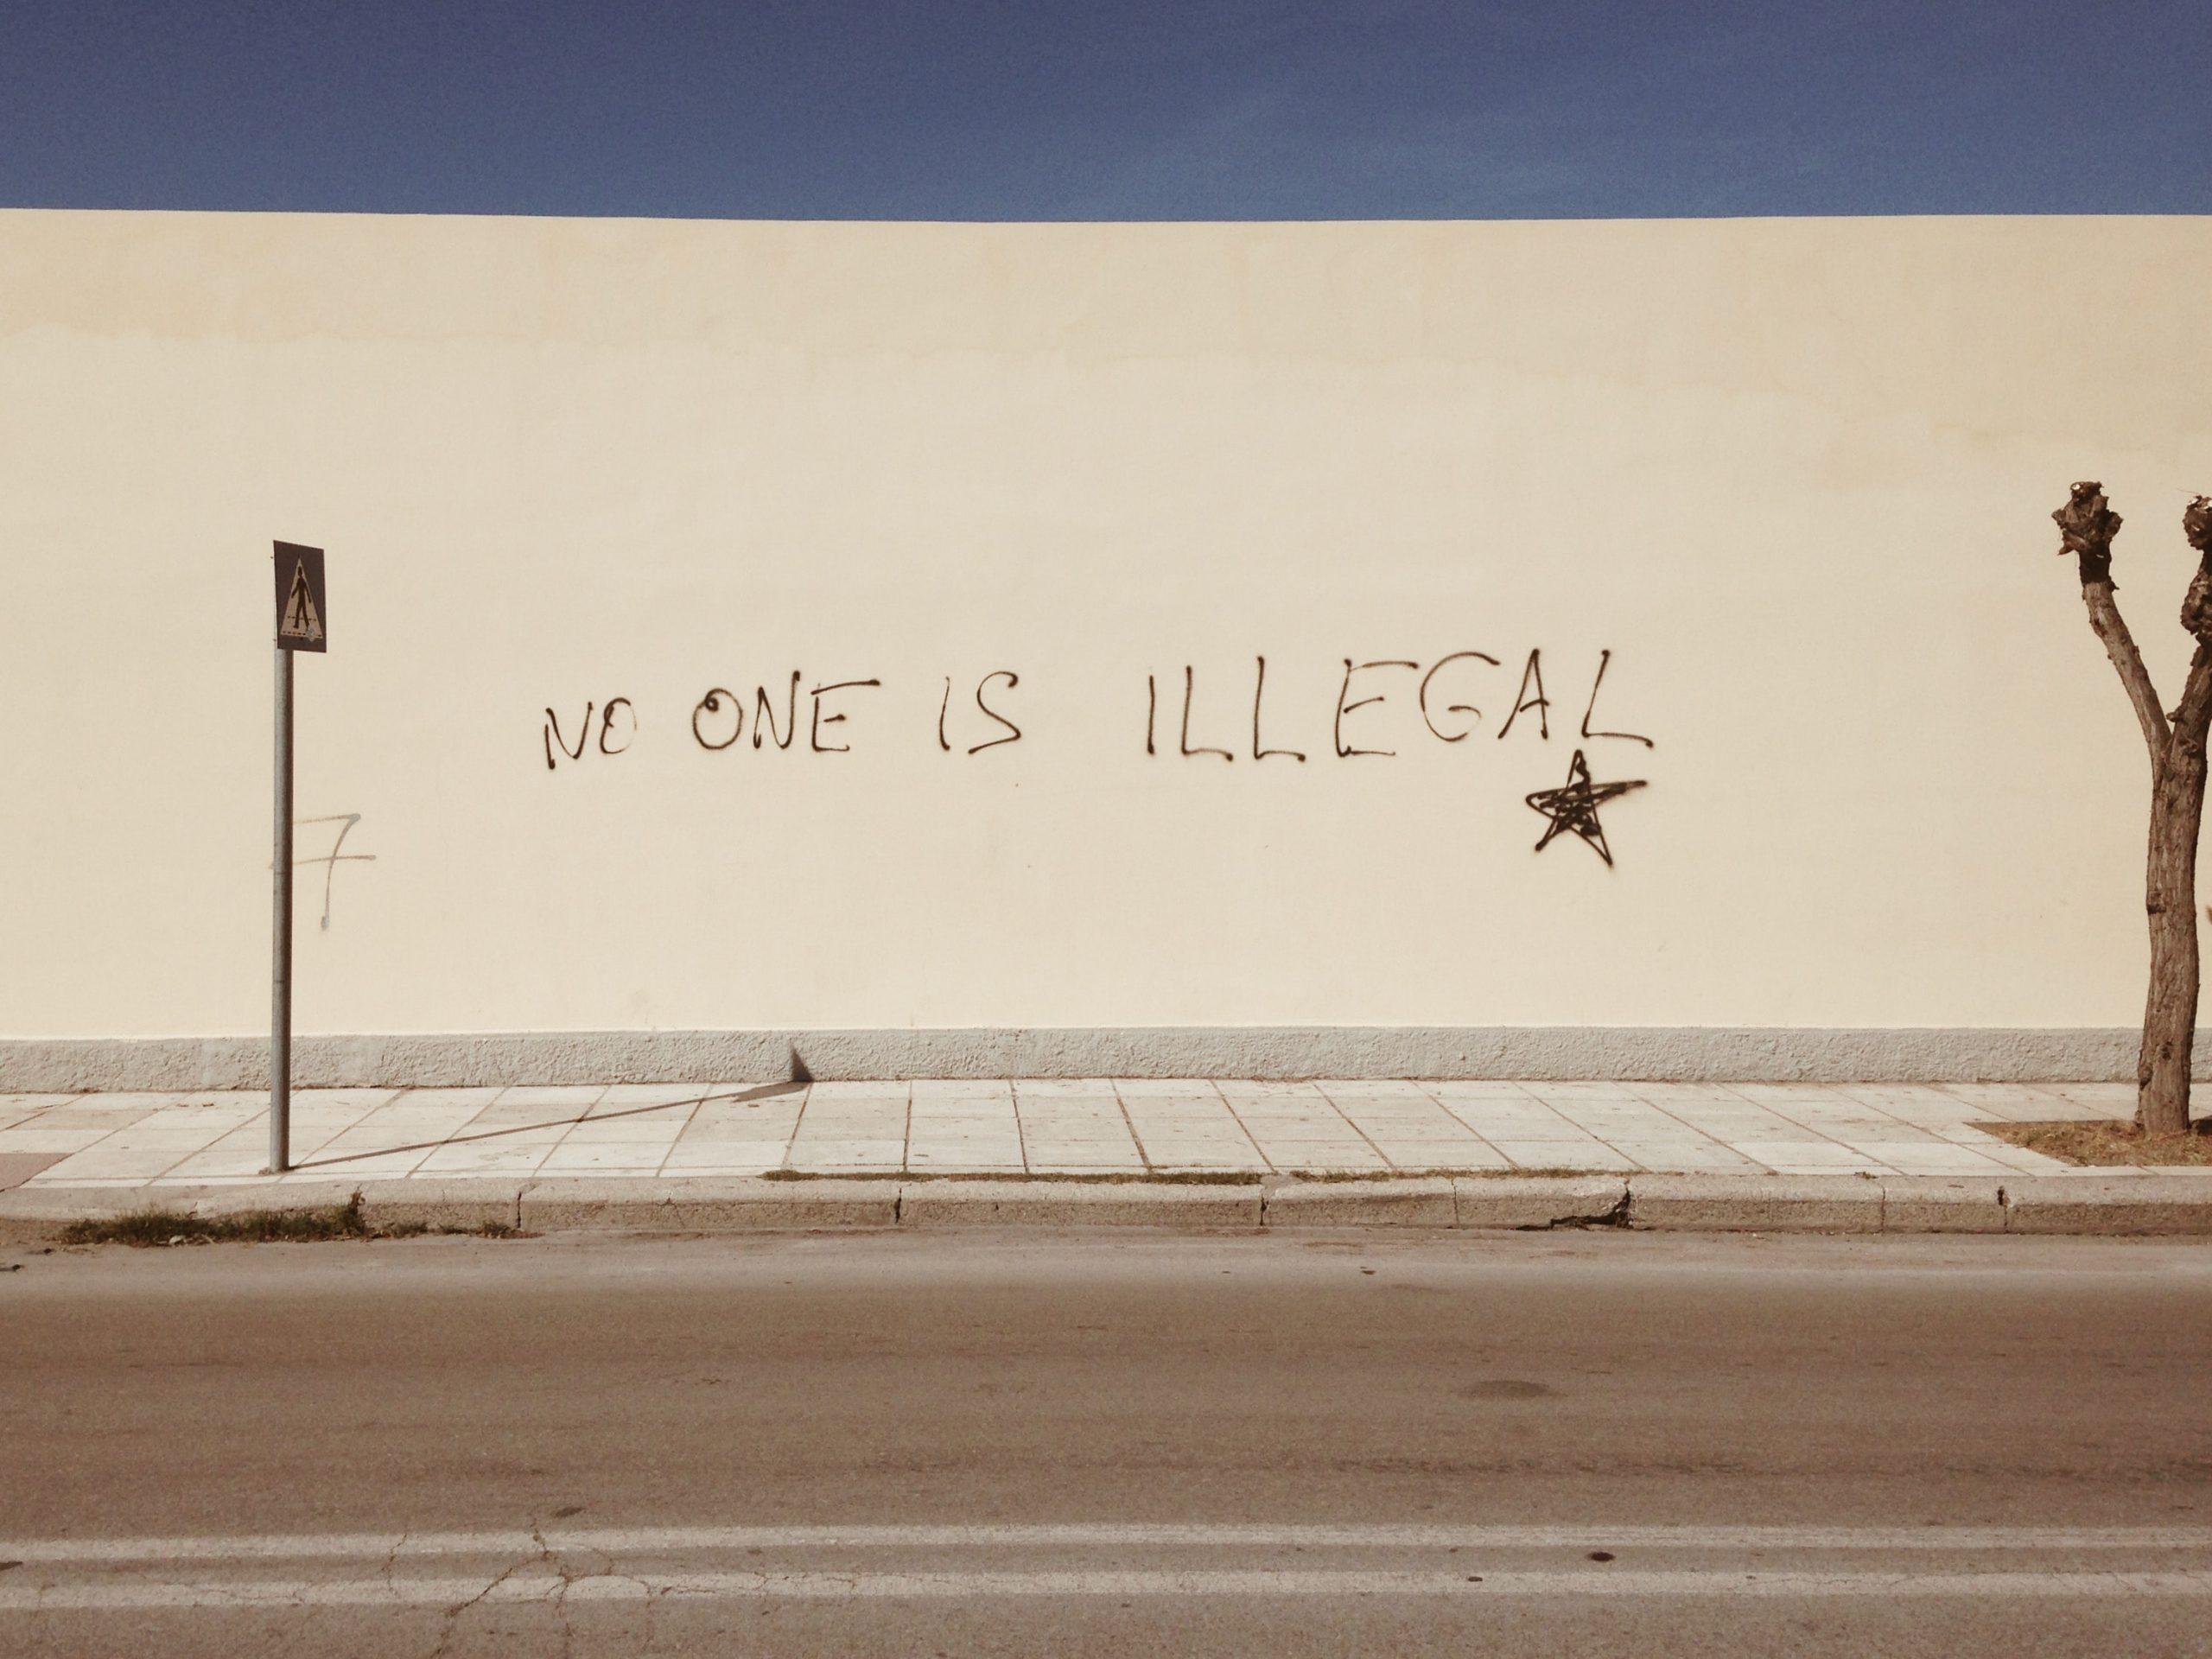 La migration bien encadrée a un impact positif sur notre société